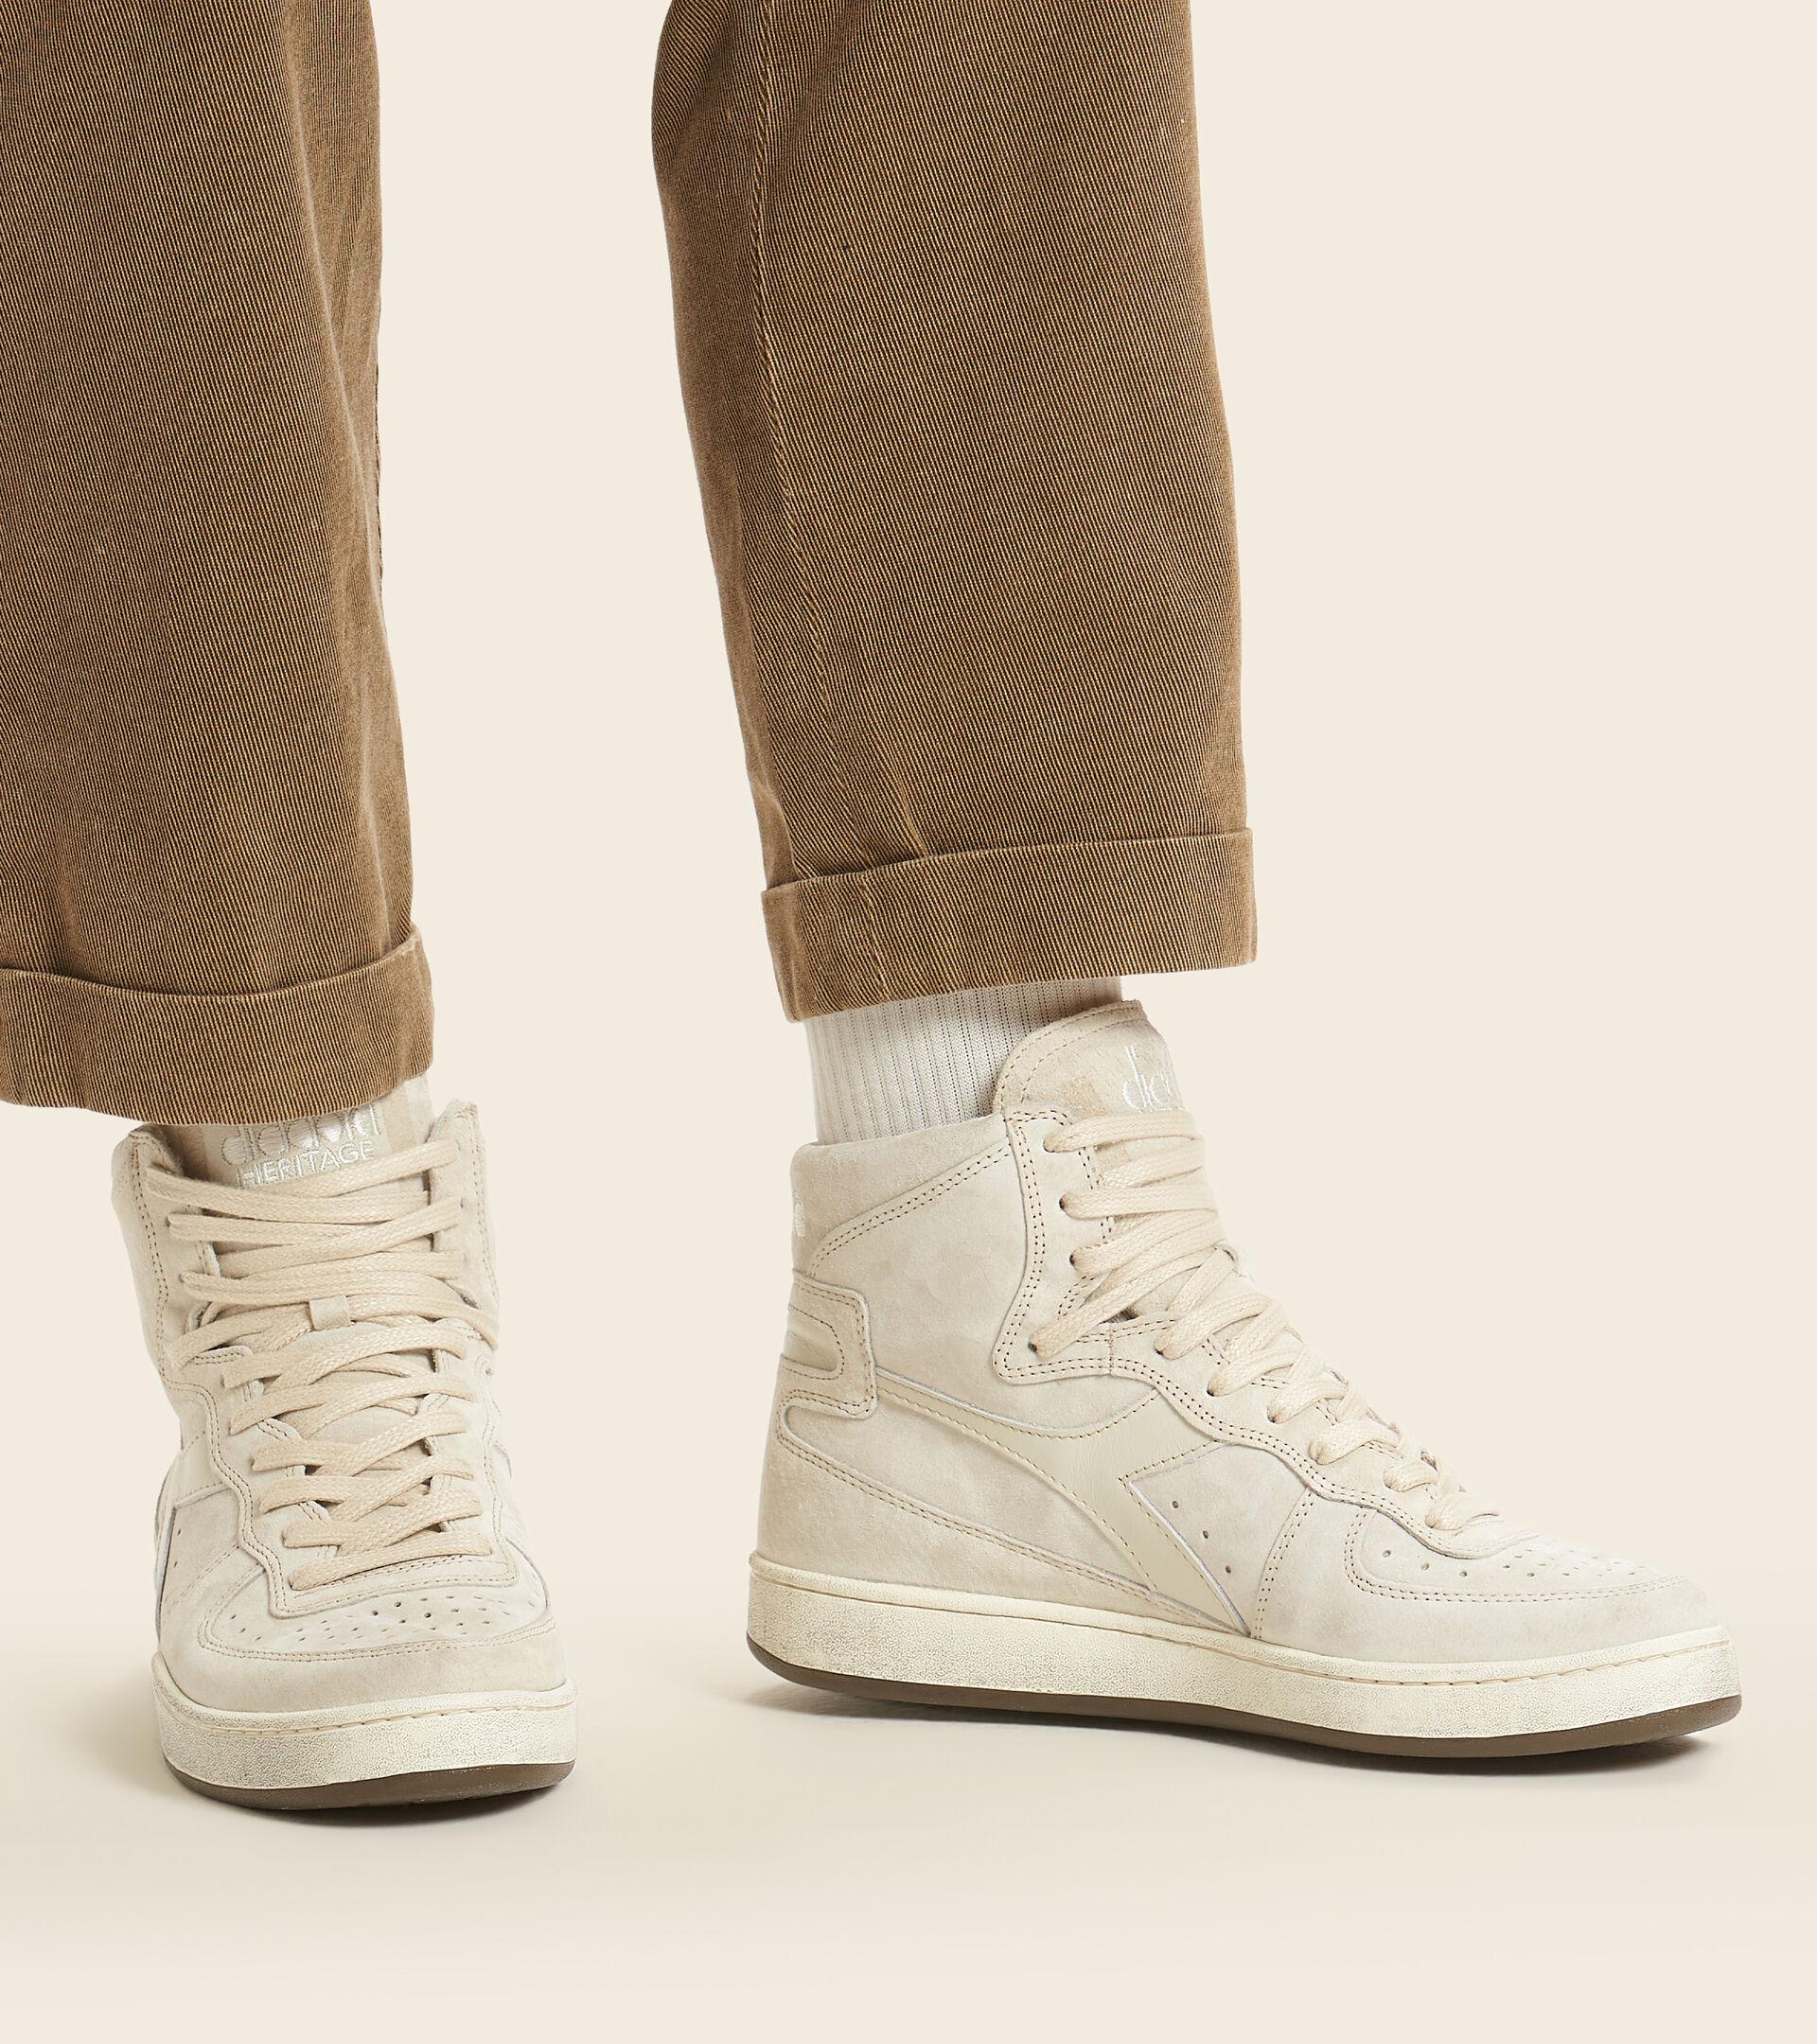 Zapatillas Heritage - Unisex MI BASKET SUEDE USED NIEBLA - Diadora